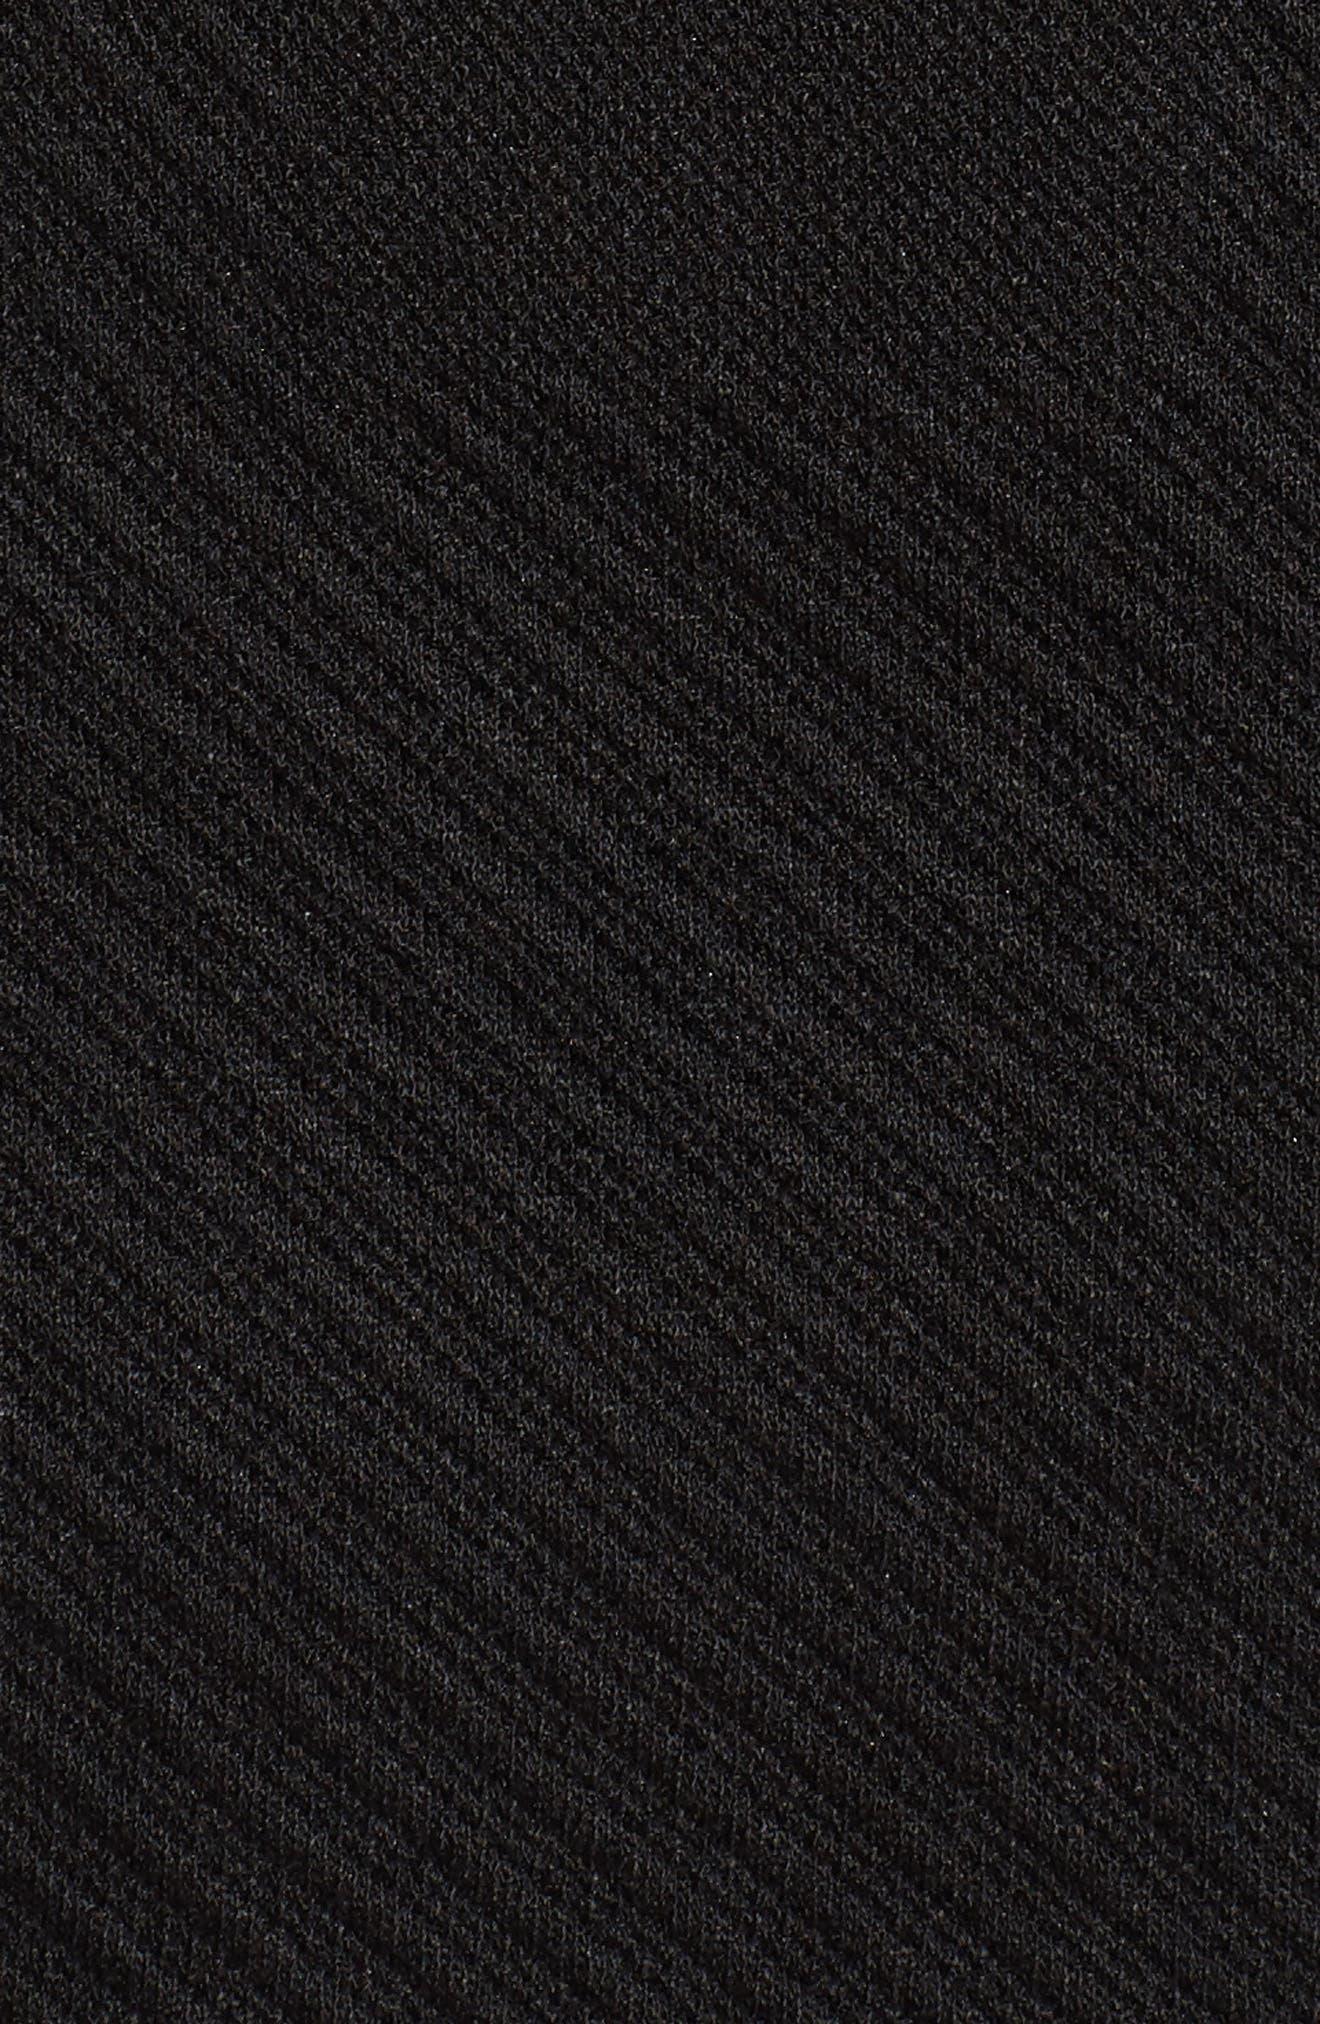 Kanelli Jacquard Jacket,                             Alternate thumbnail 6, color,                             Black